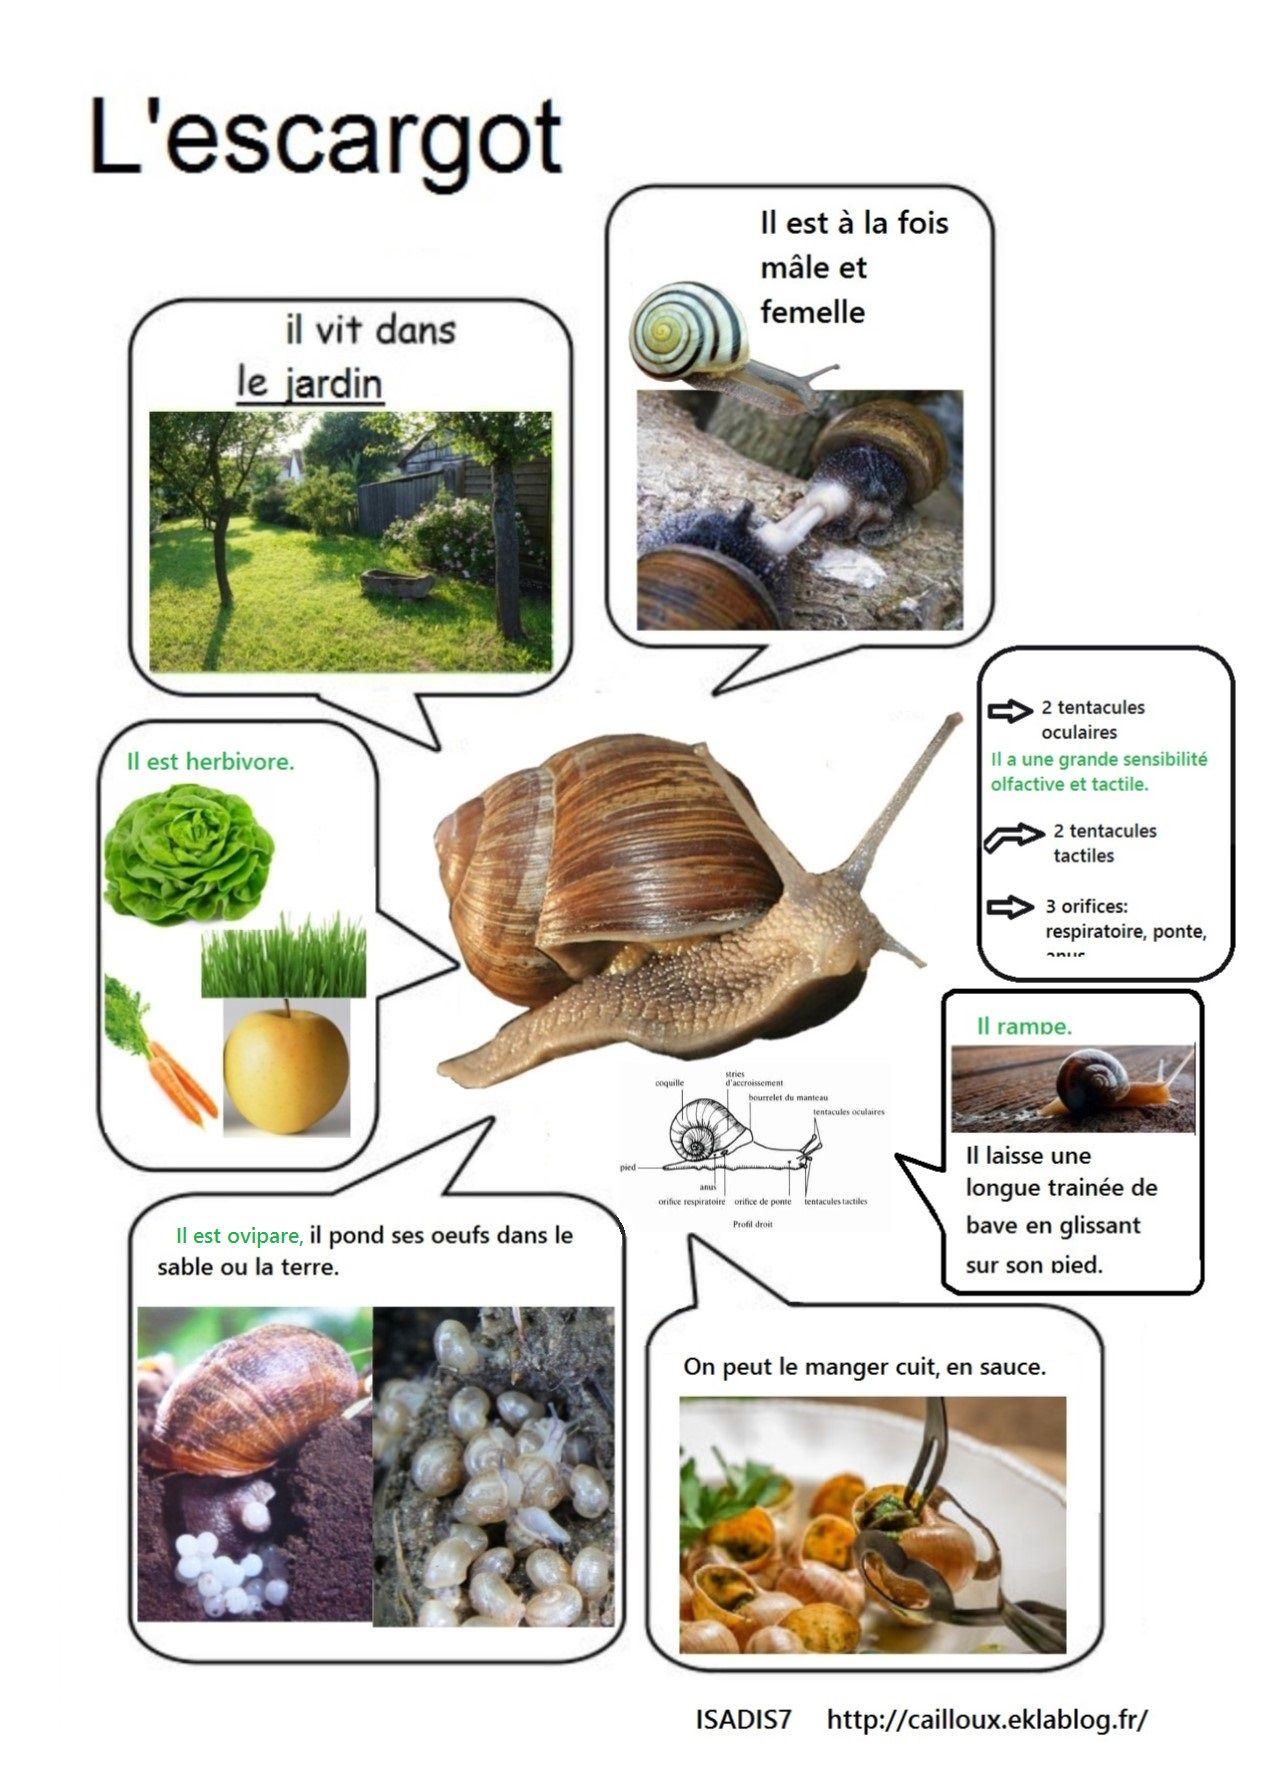 notre levage d 39 escargots petites b tes pinterest escargot cole et insectes. Black Bedroom Furniture Sets. Home Design Ideas